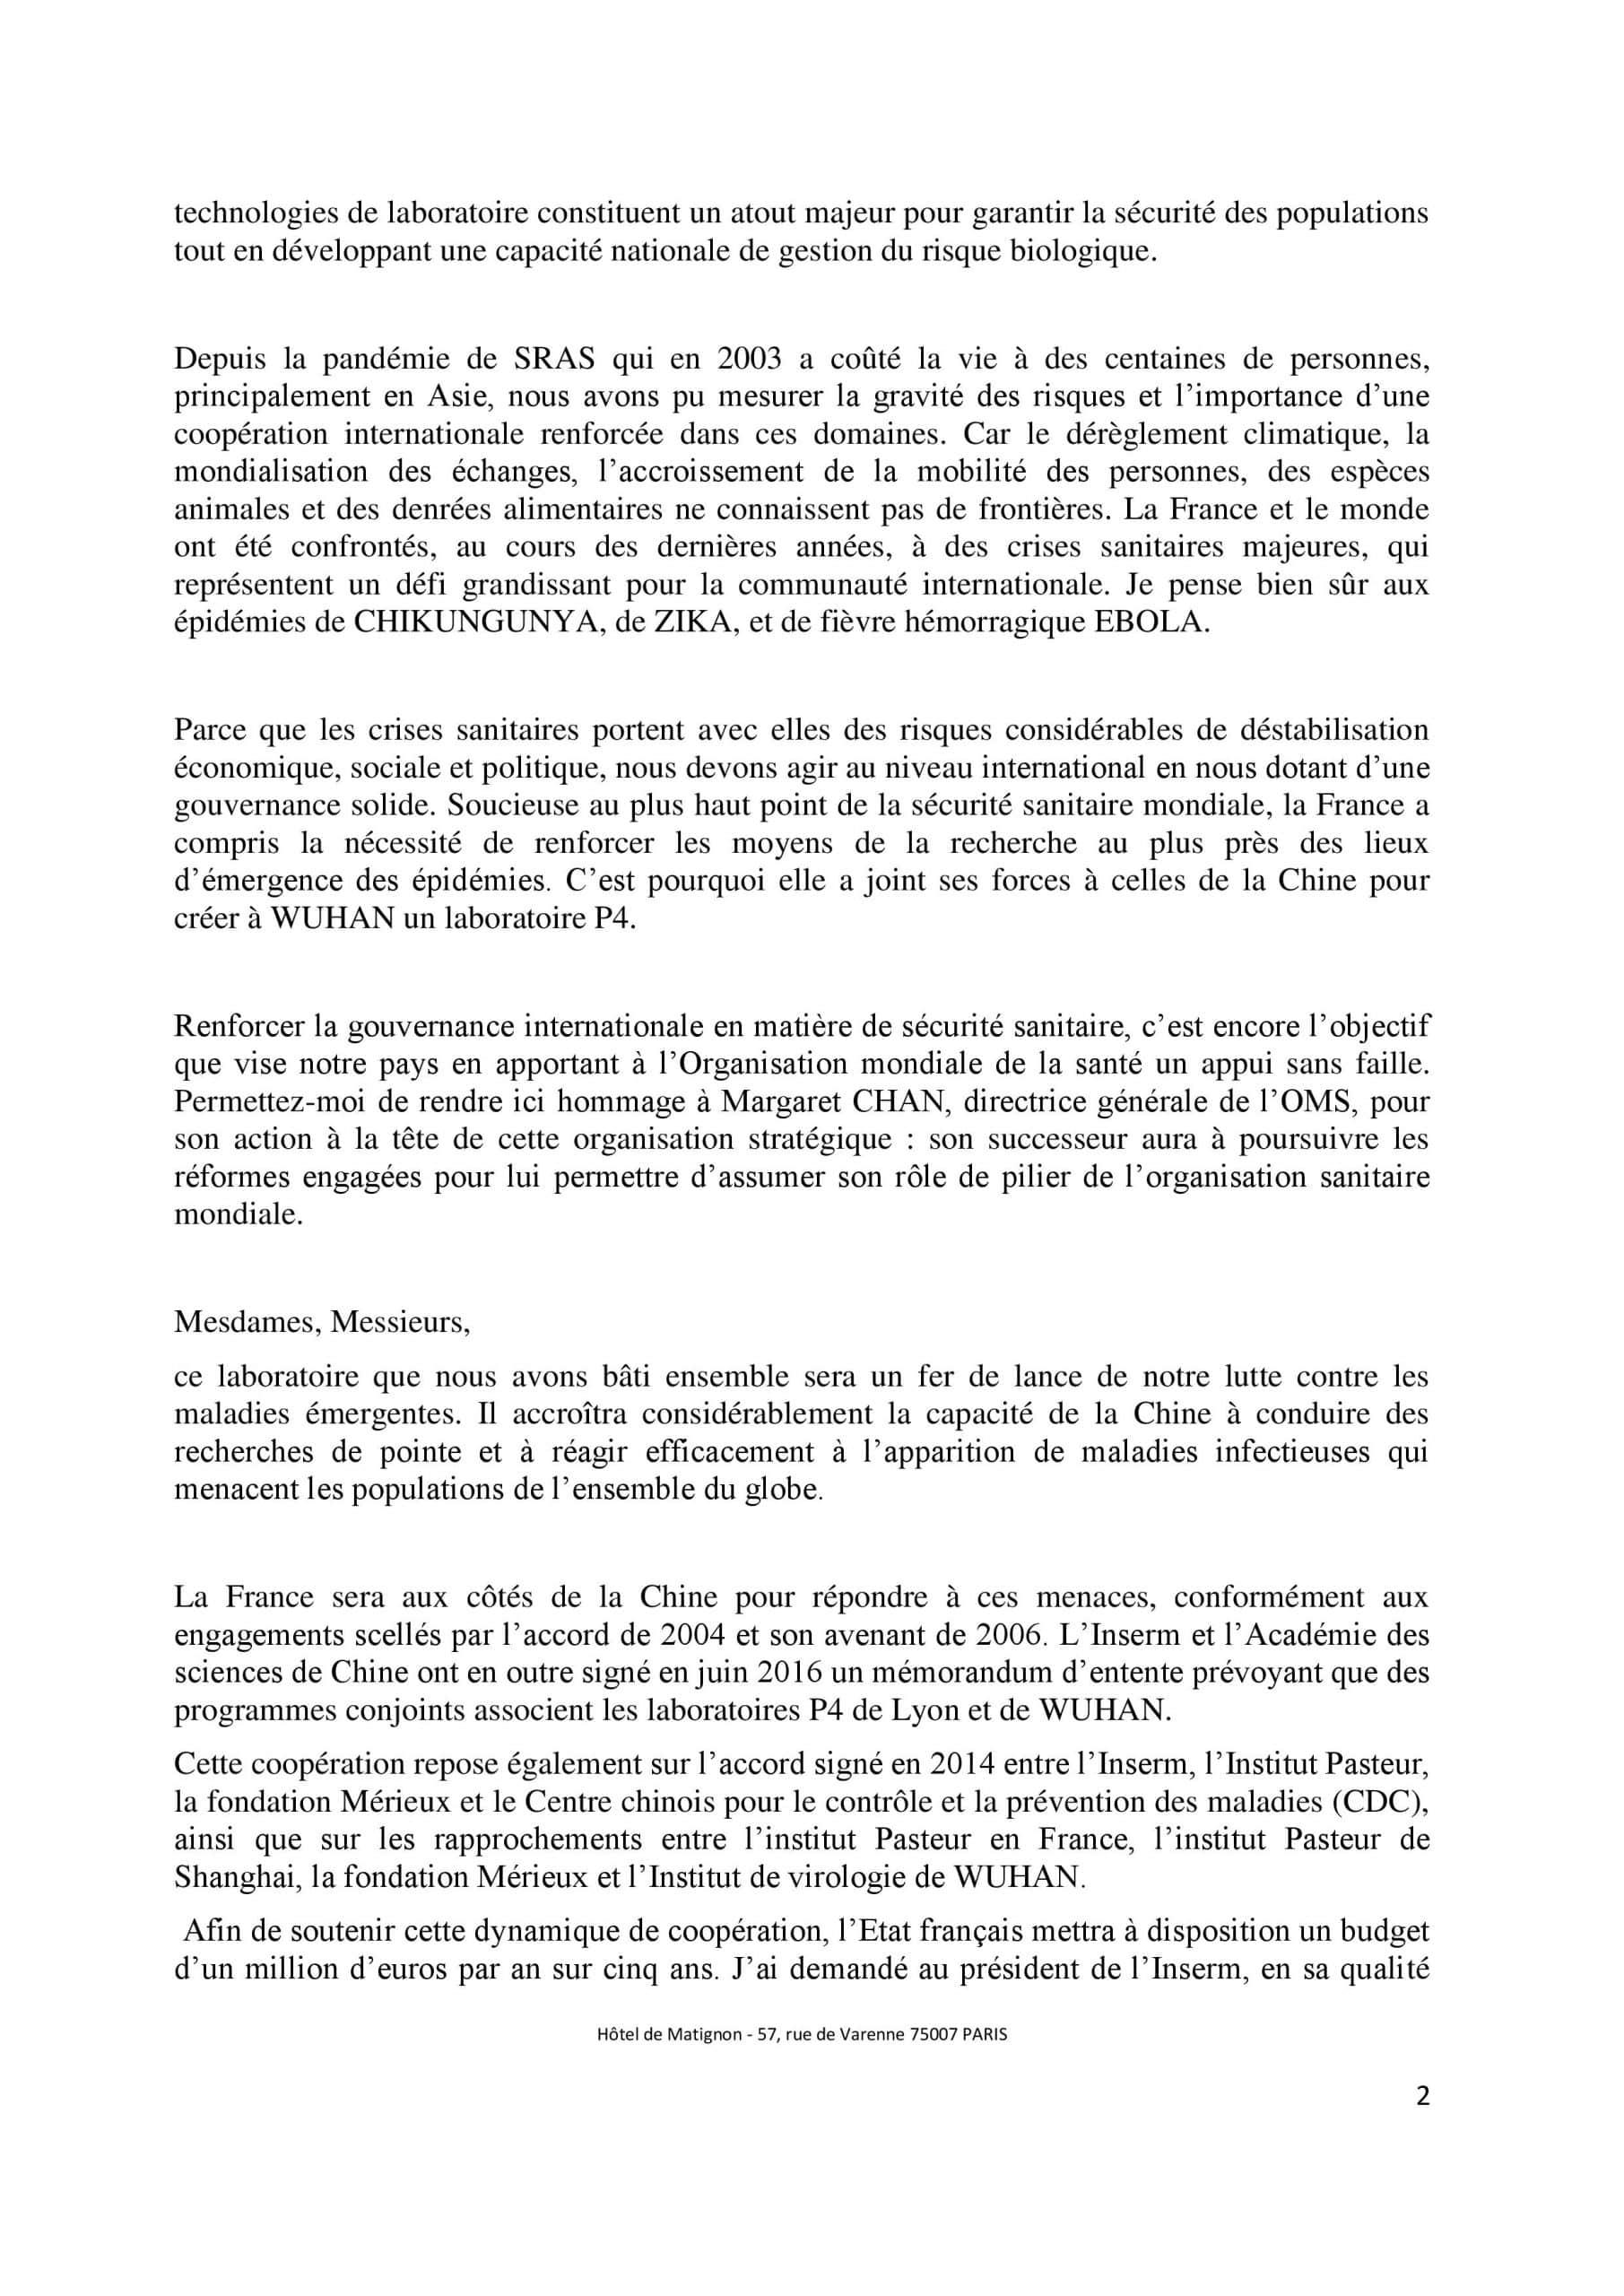 23.02.2017_discours_de_m._bernard_cazeneuve_premier_ministre_-_ceremonie_daccreditation_du_laboratoire_de_haute_securite_biologique_p4-page-002